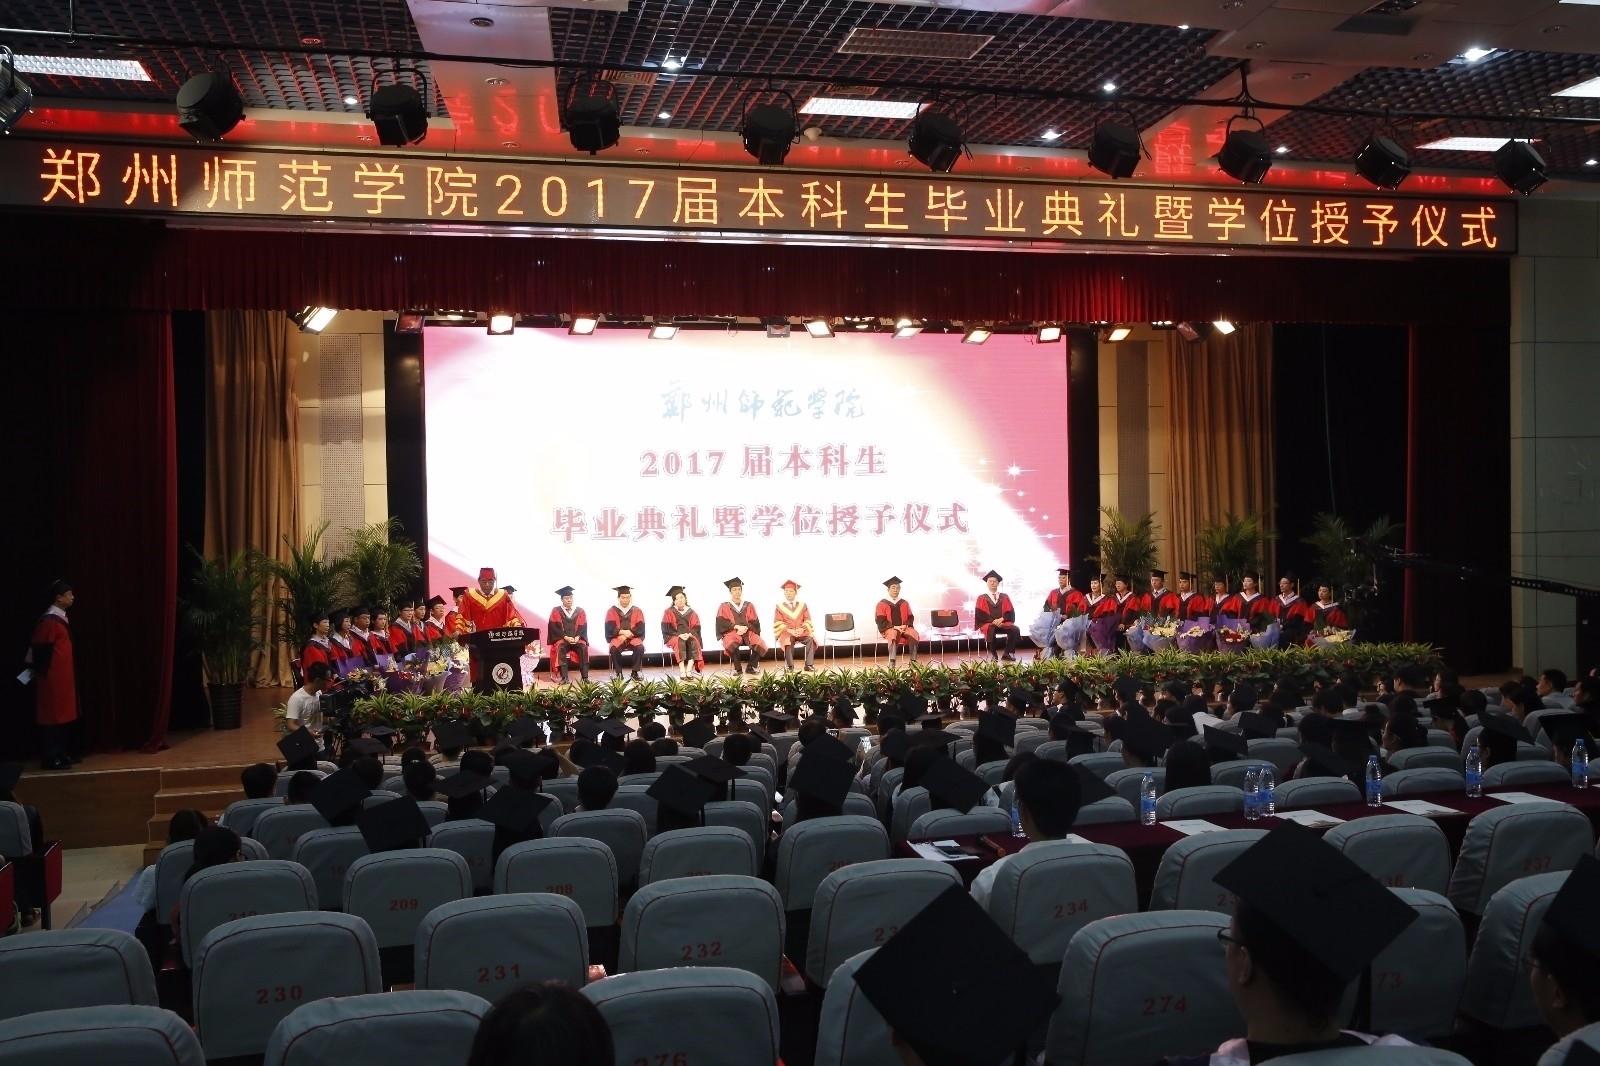 我校2017届本科生毕业典礼暨学位授予仪式圆满举行